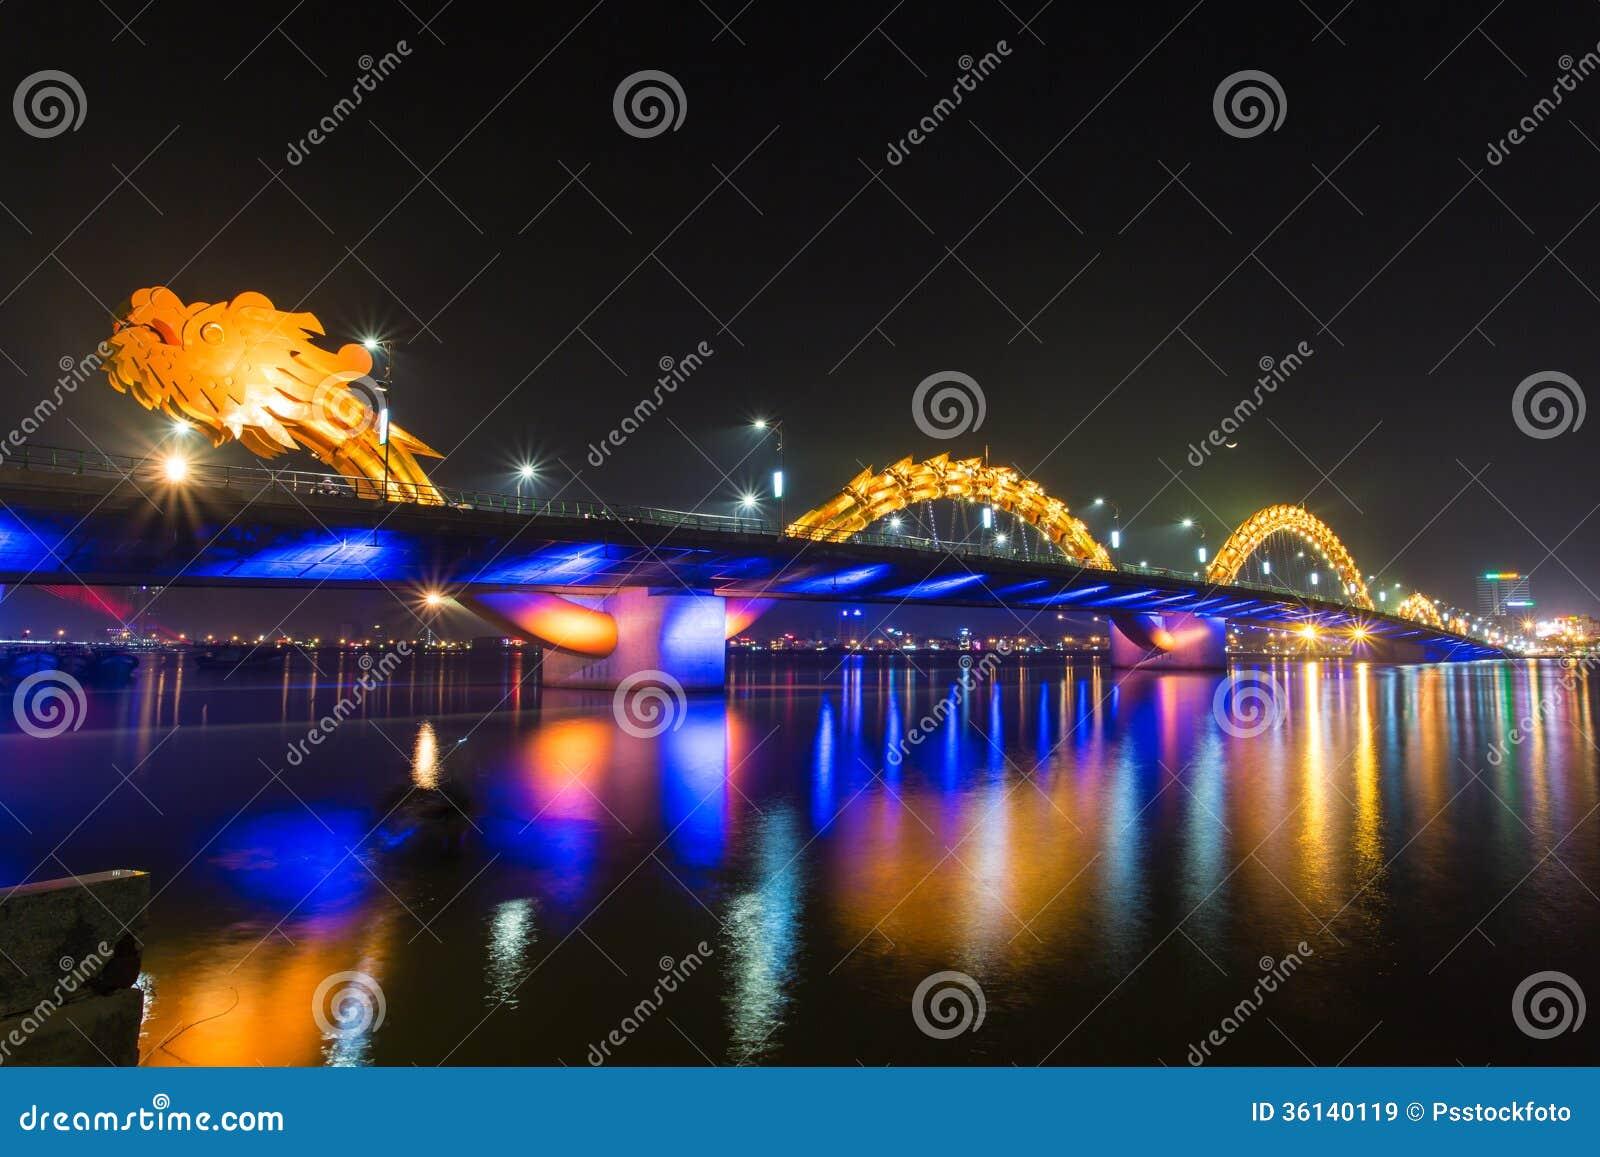 Dragon River Bridge